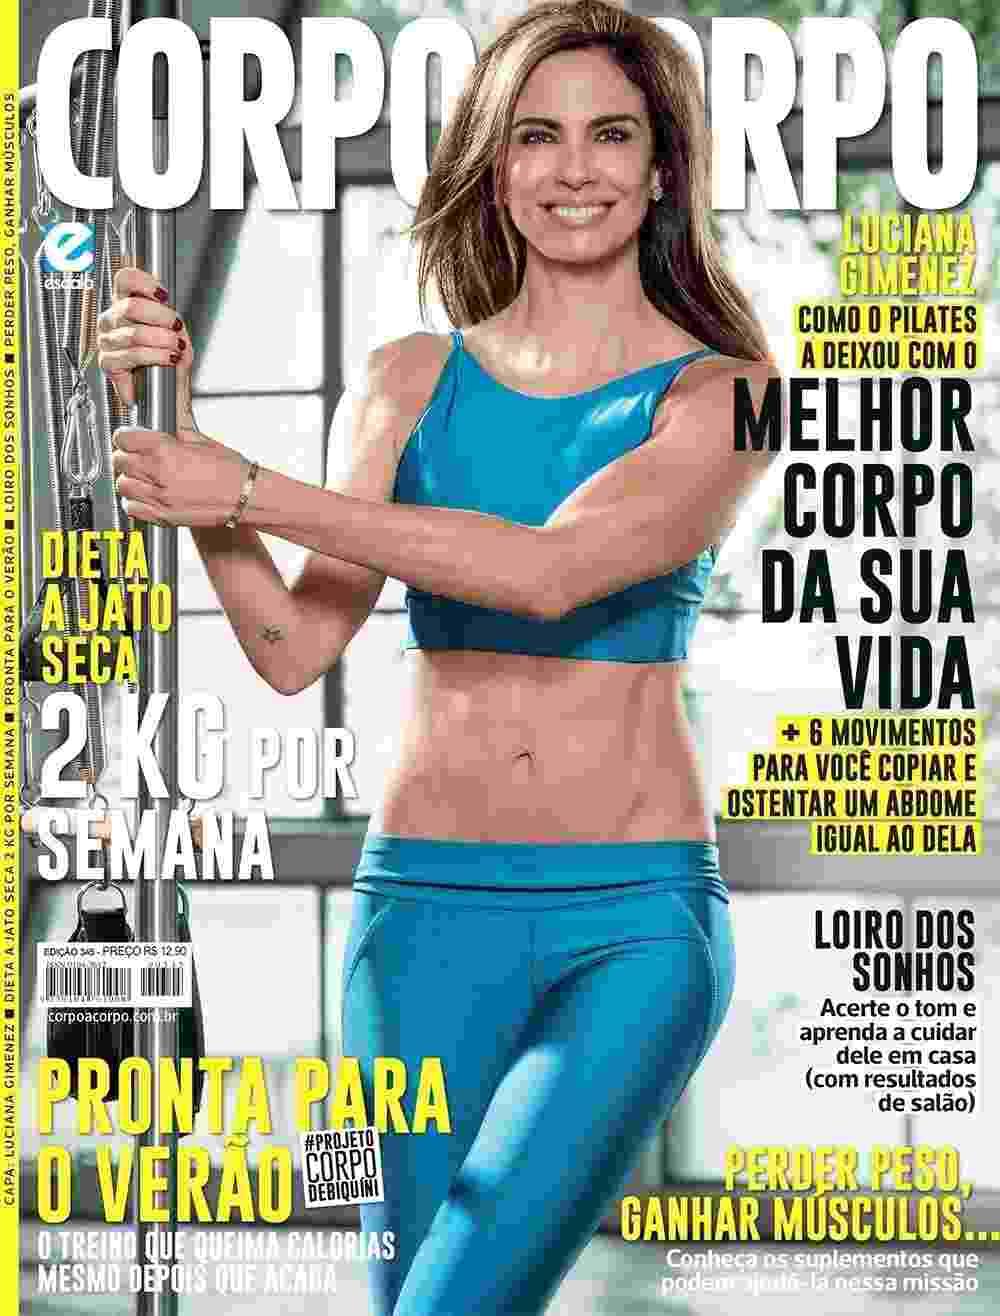 """A apresentadora Luciana Gimenez contou à revista """"Corpo a Corpo"""" os segredos para manter a boa forma. """"Eu realmente nunca parei de treinar. Não me cuidava apenas quando o verão estava próximo. Sempre tive essa preocupação, tanto pela saúde quanto pelo meu bem-estar,"""" diz. - Danilo Borges"""